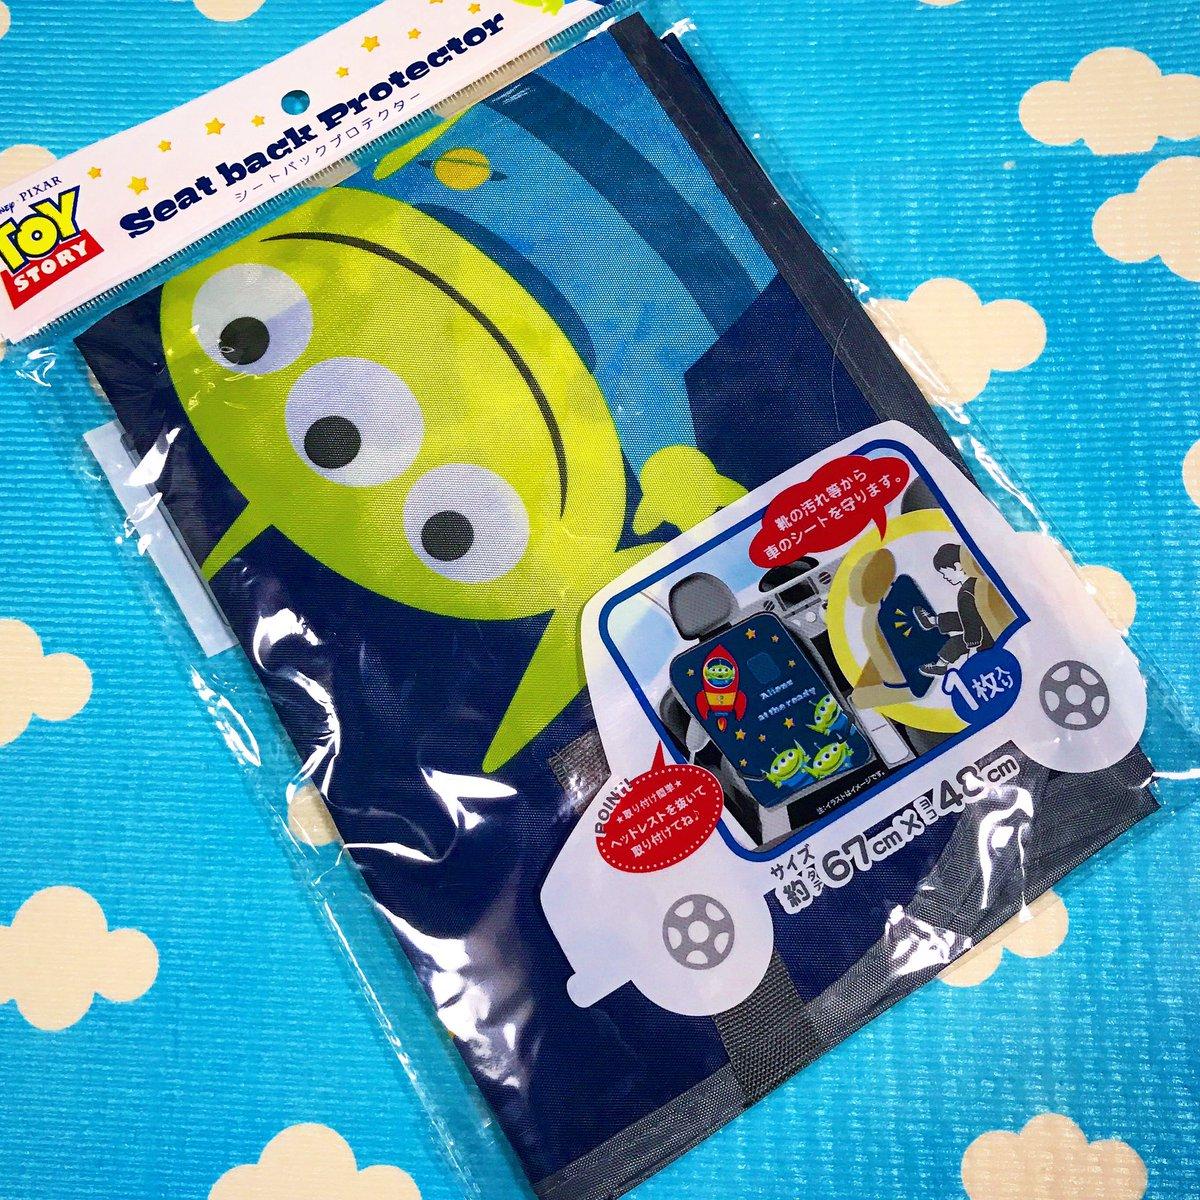 test ツイッターメディア - セリアのエイリアンデザインのシートバックプロテクターとシートベルトパッドをようやくげっとん🐽  #ToyStory  #Pixar  #seria #トイストーリー https://t.co/eat7CyE8La